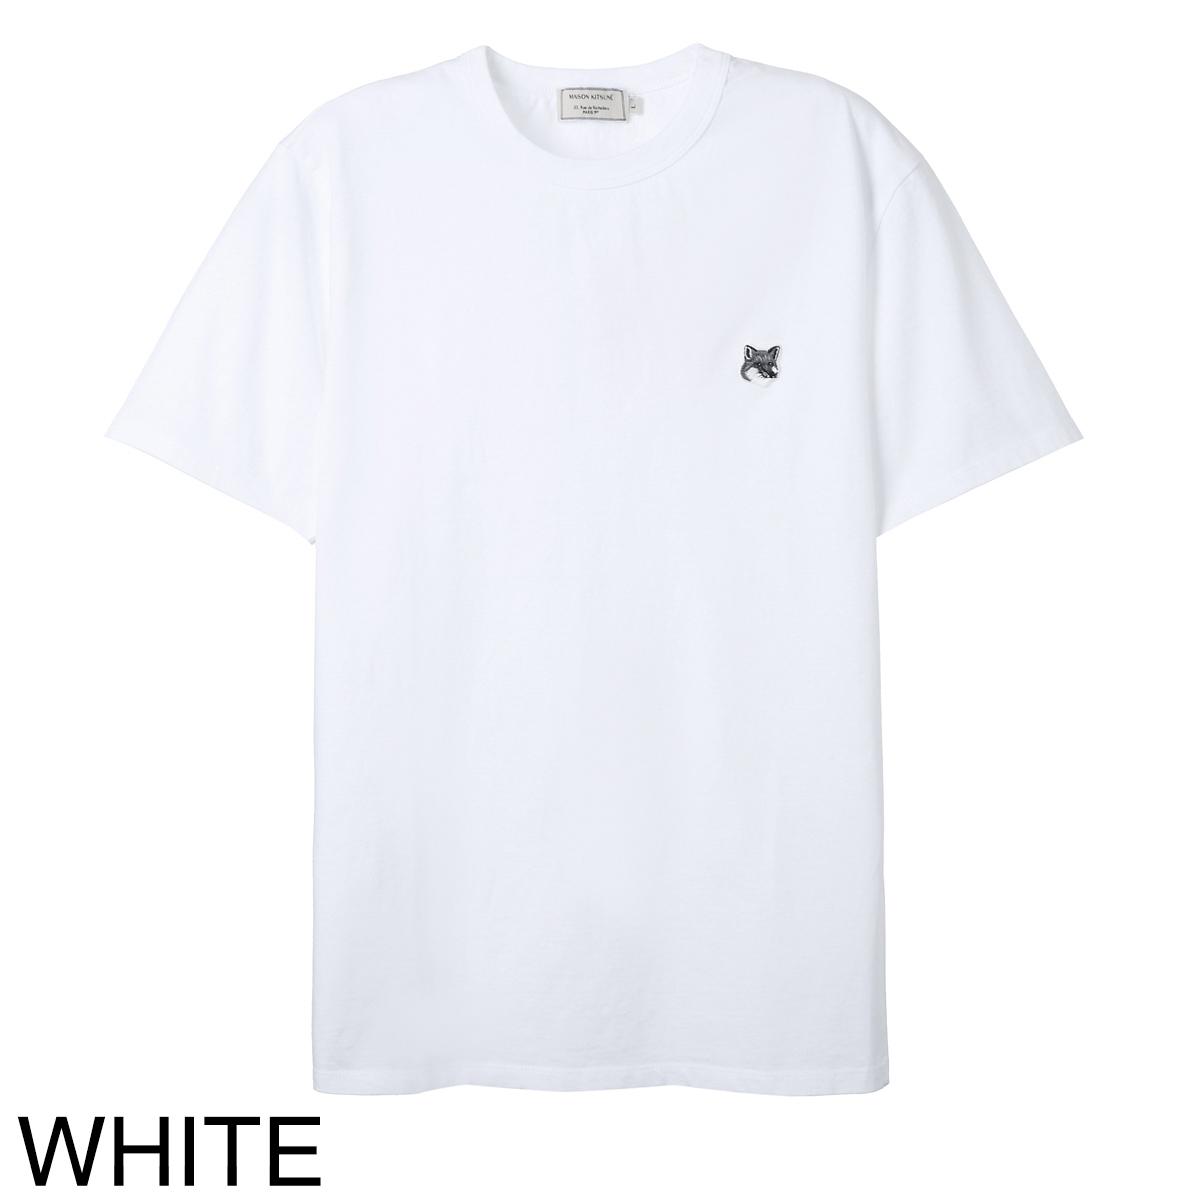 MAISON KITSUNE メゾンキツネ クルーネック Tシャツ/GREY FOX HEAD PATCH CLASSIC TEE-SHIRT メンズ